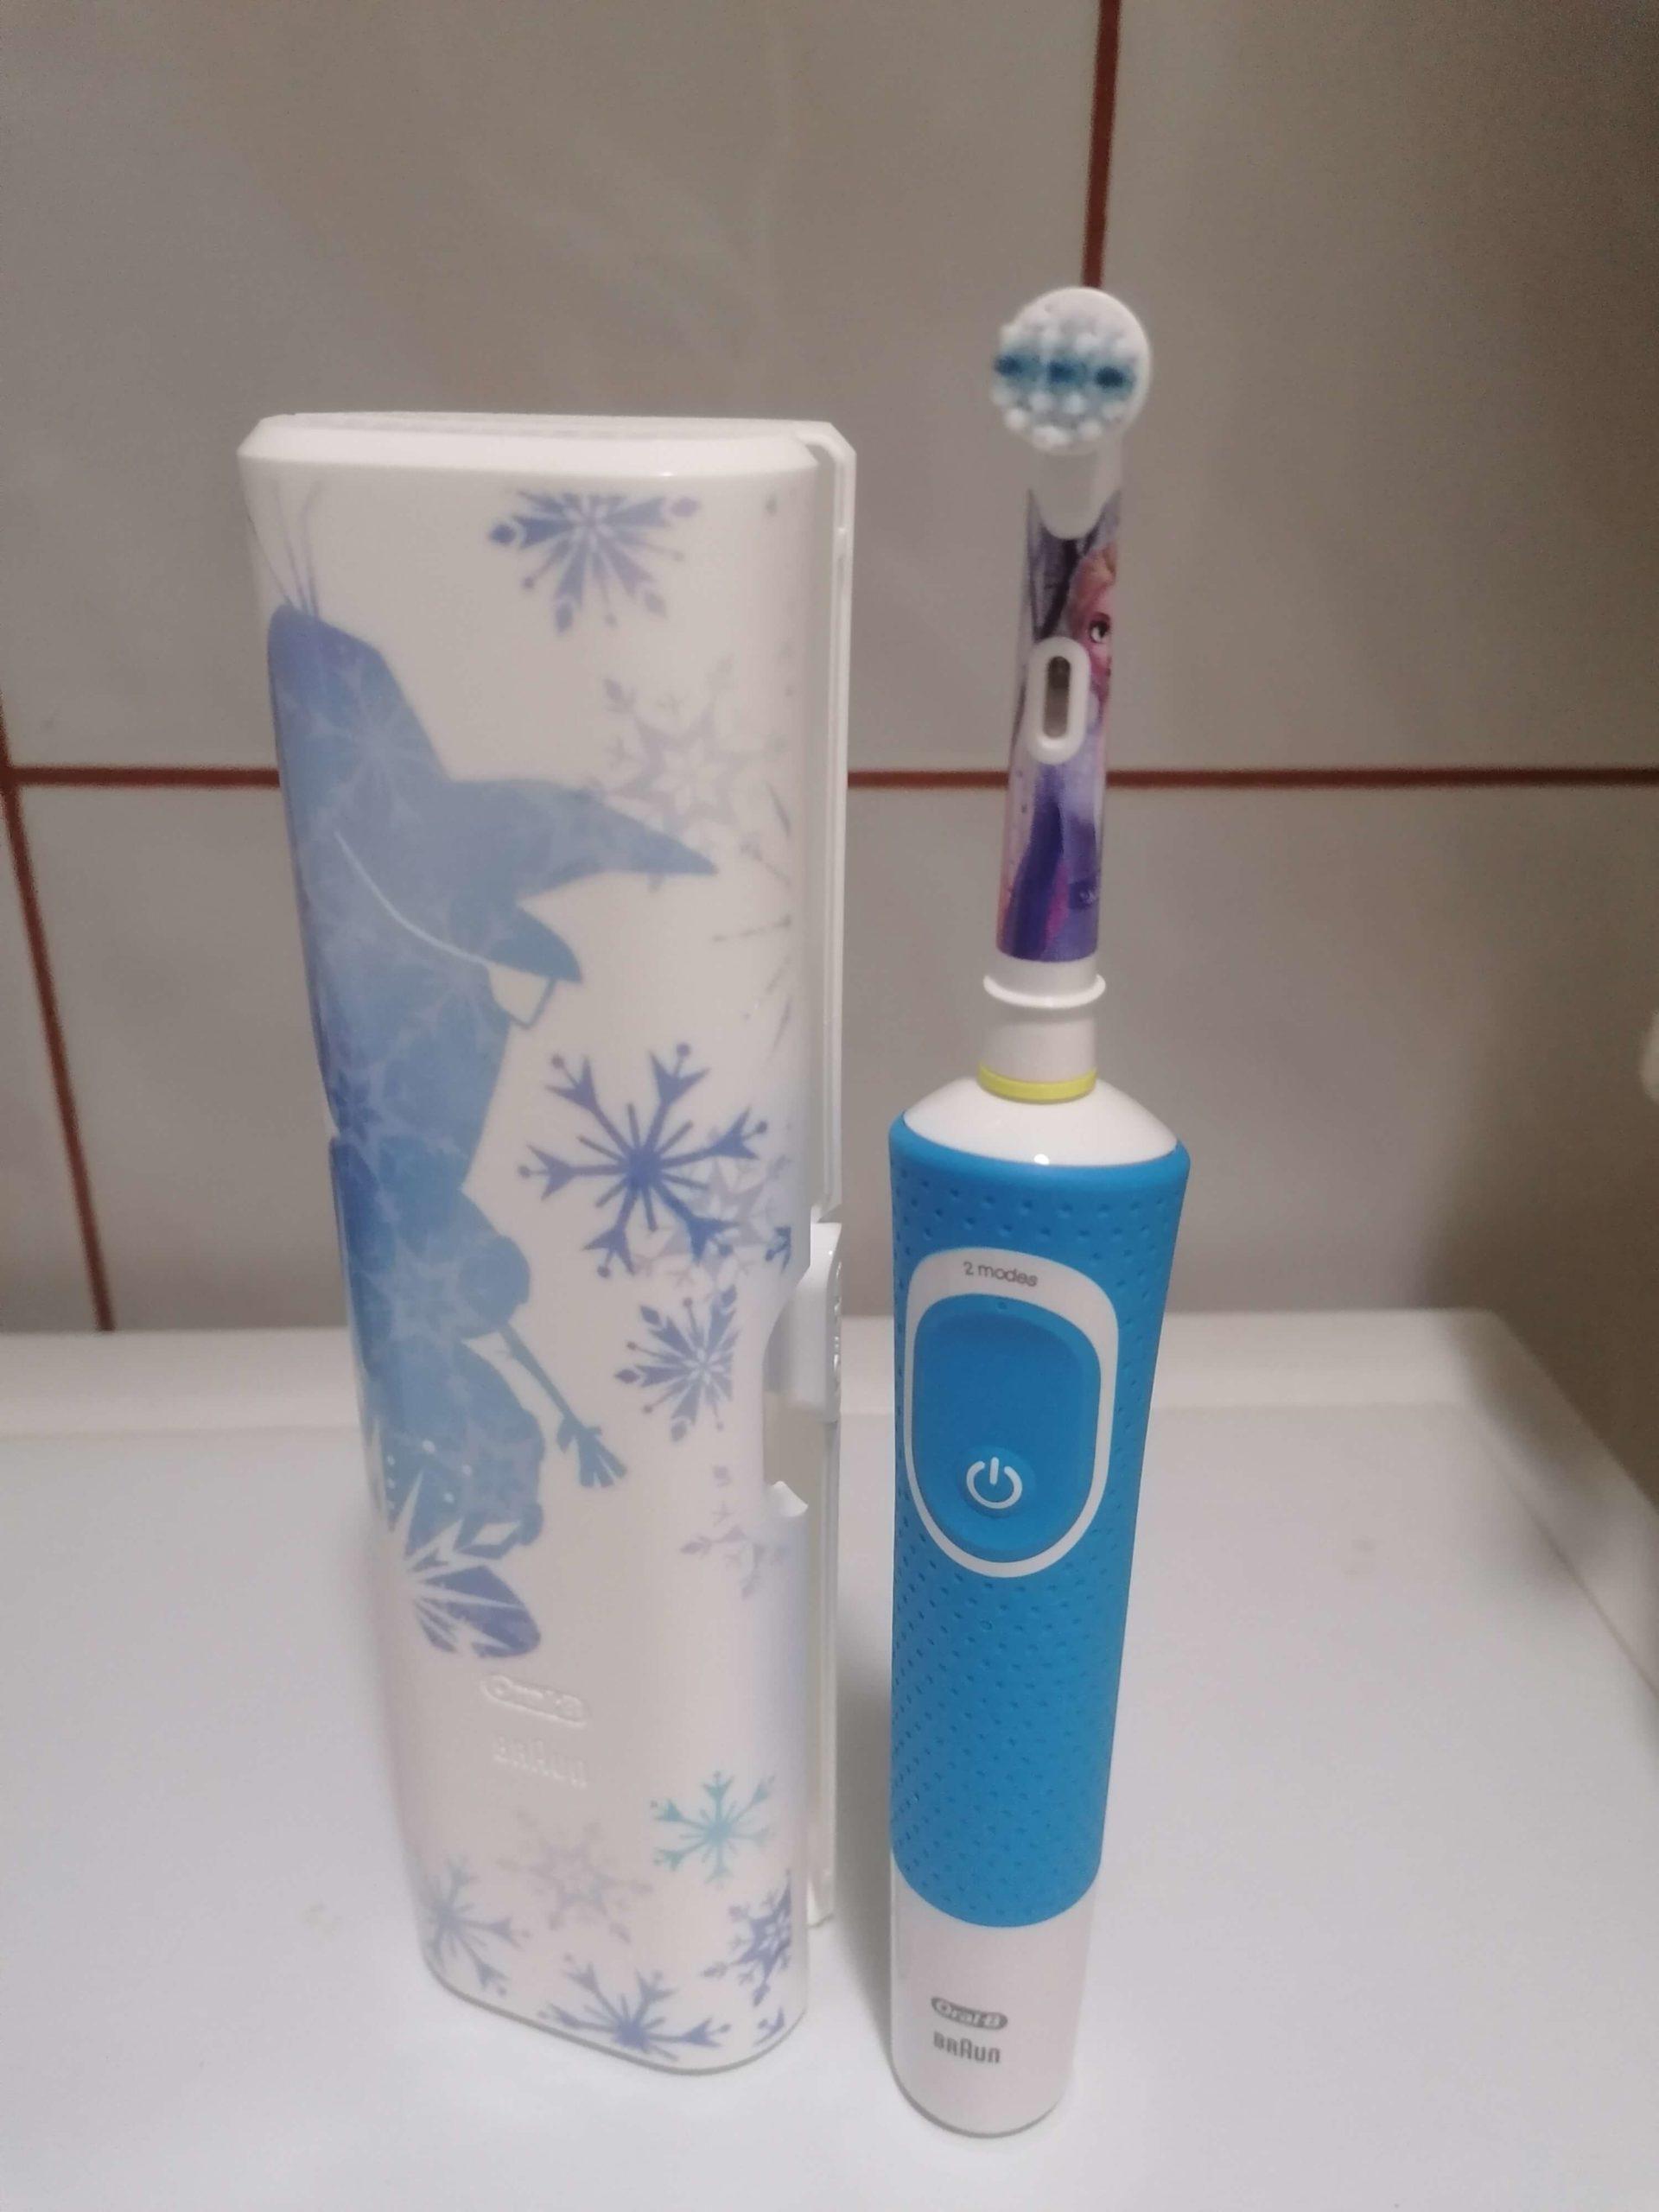 szczoteczka elektryczna oral-b dla dzieci